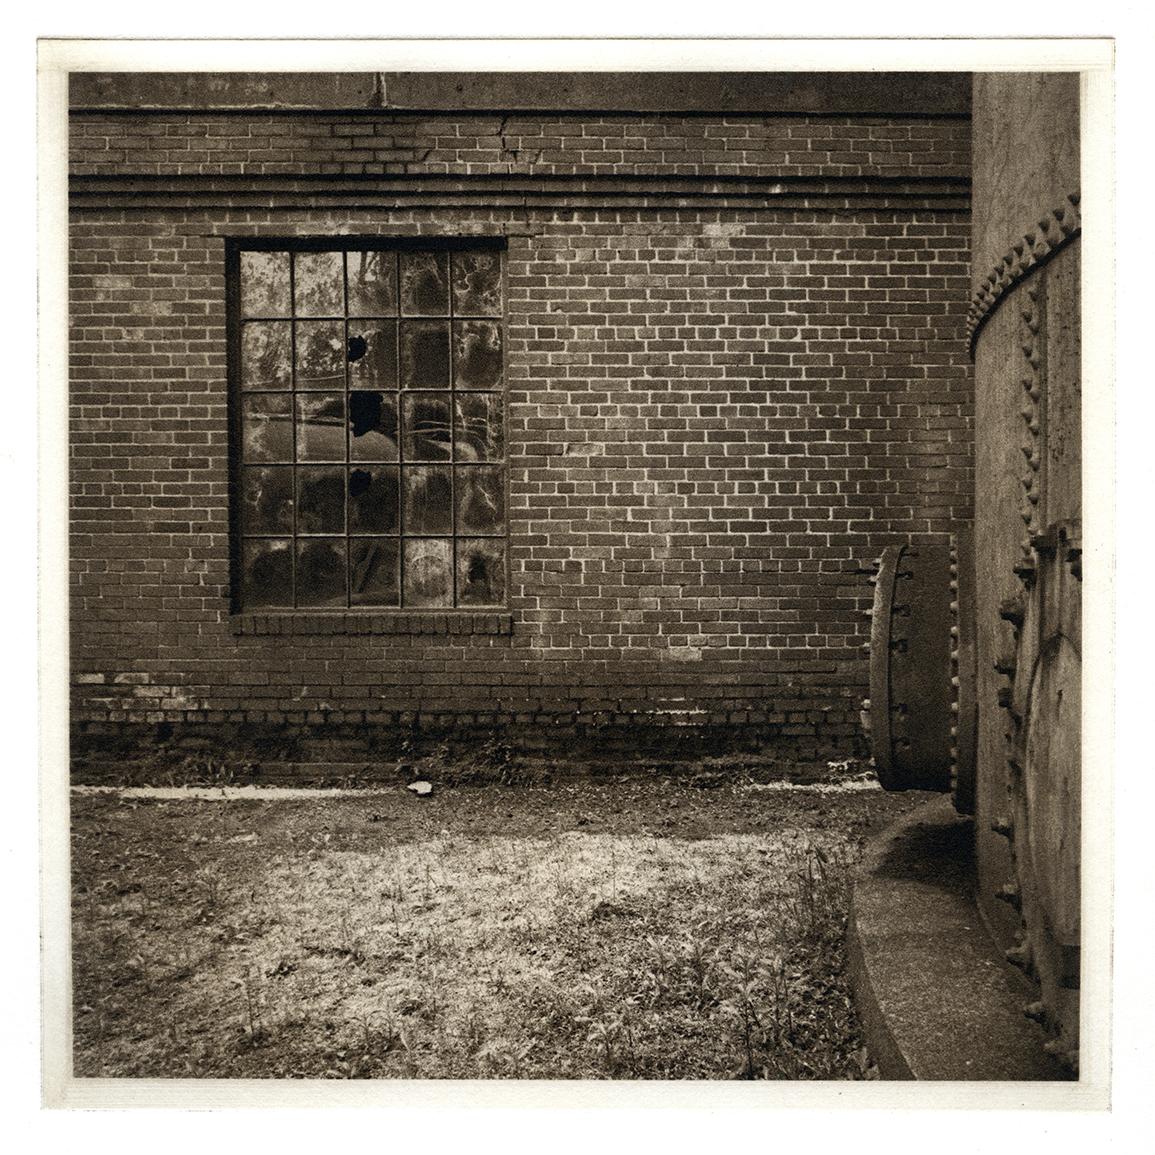 Sloss-PhotoGravures-009.jpg